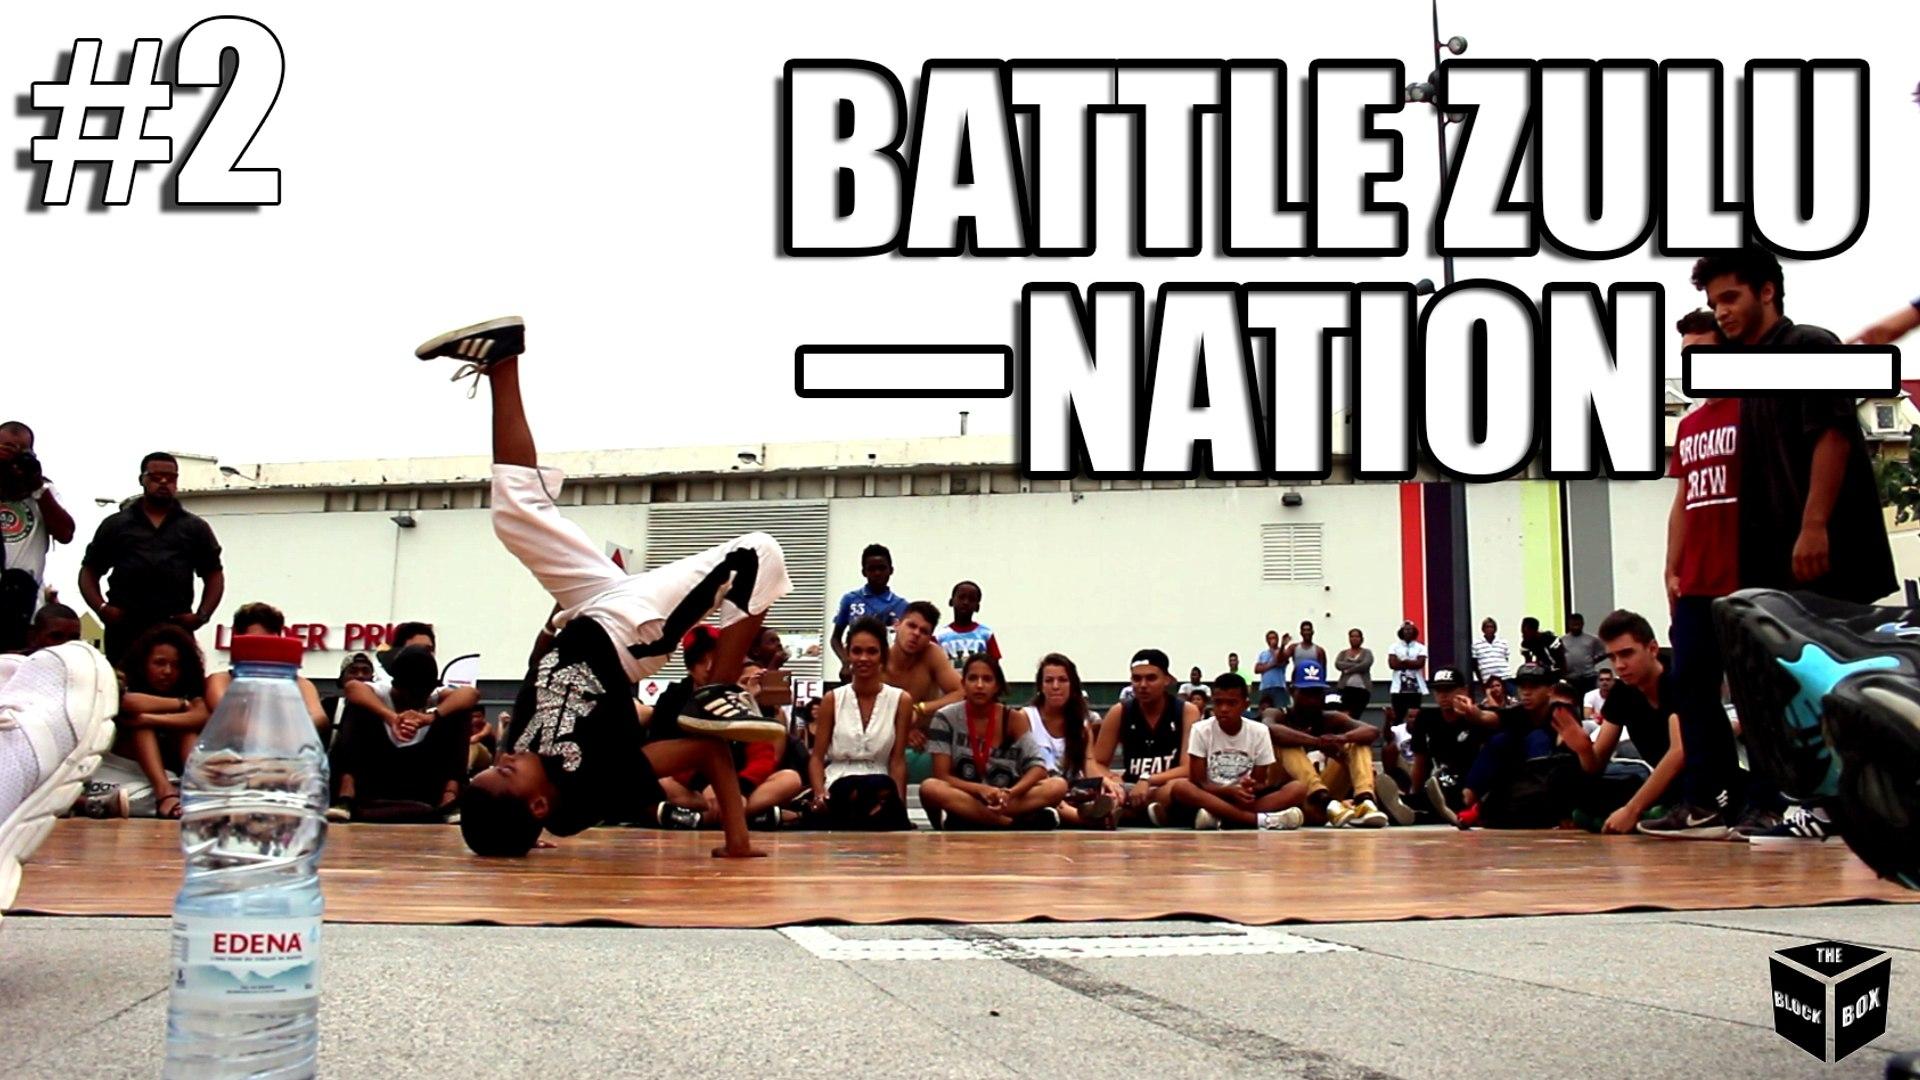 BATTLE BREAKDANCE ZULU NATION : Skandal Zulu Boy Vs Strikers - Par BlockBox Studio